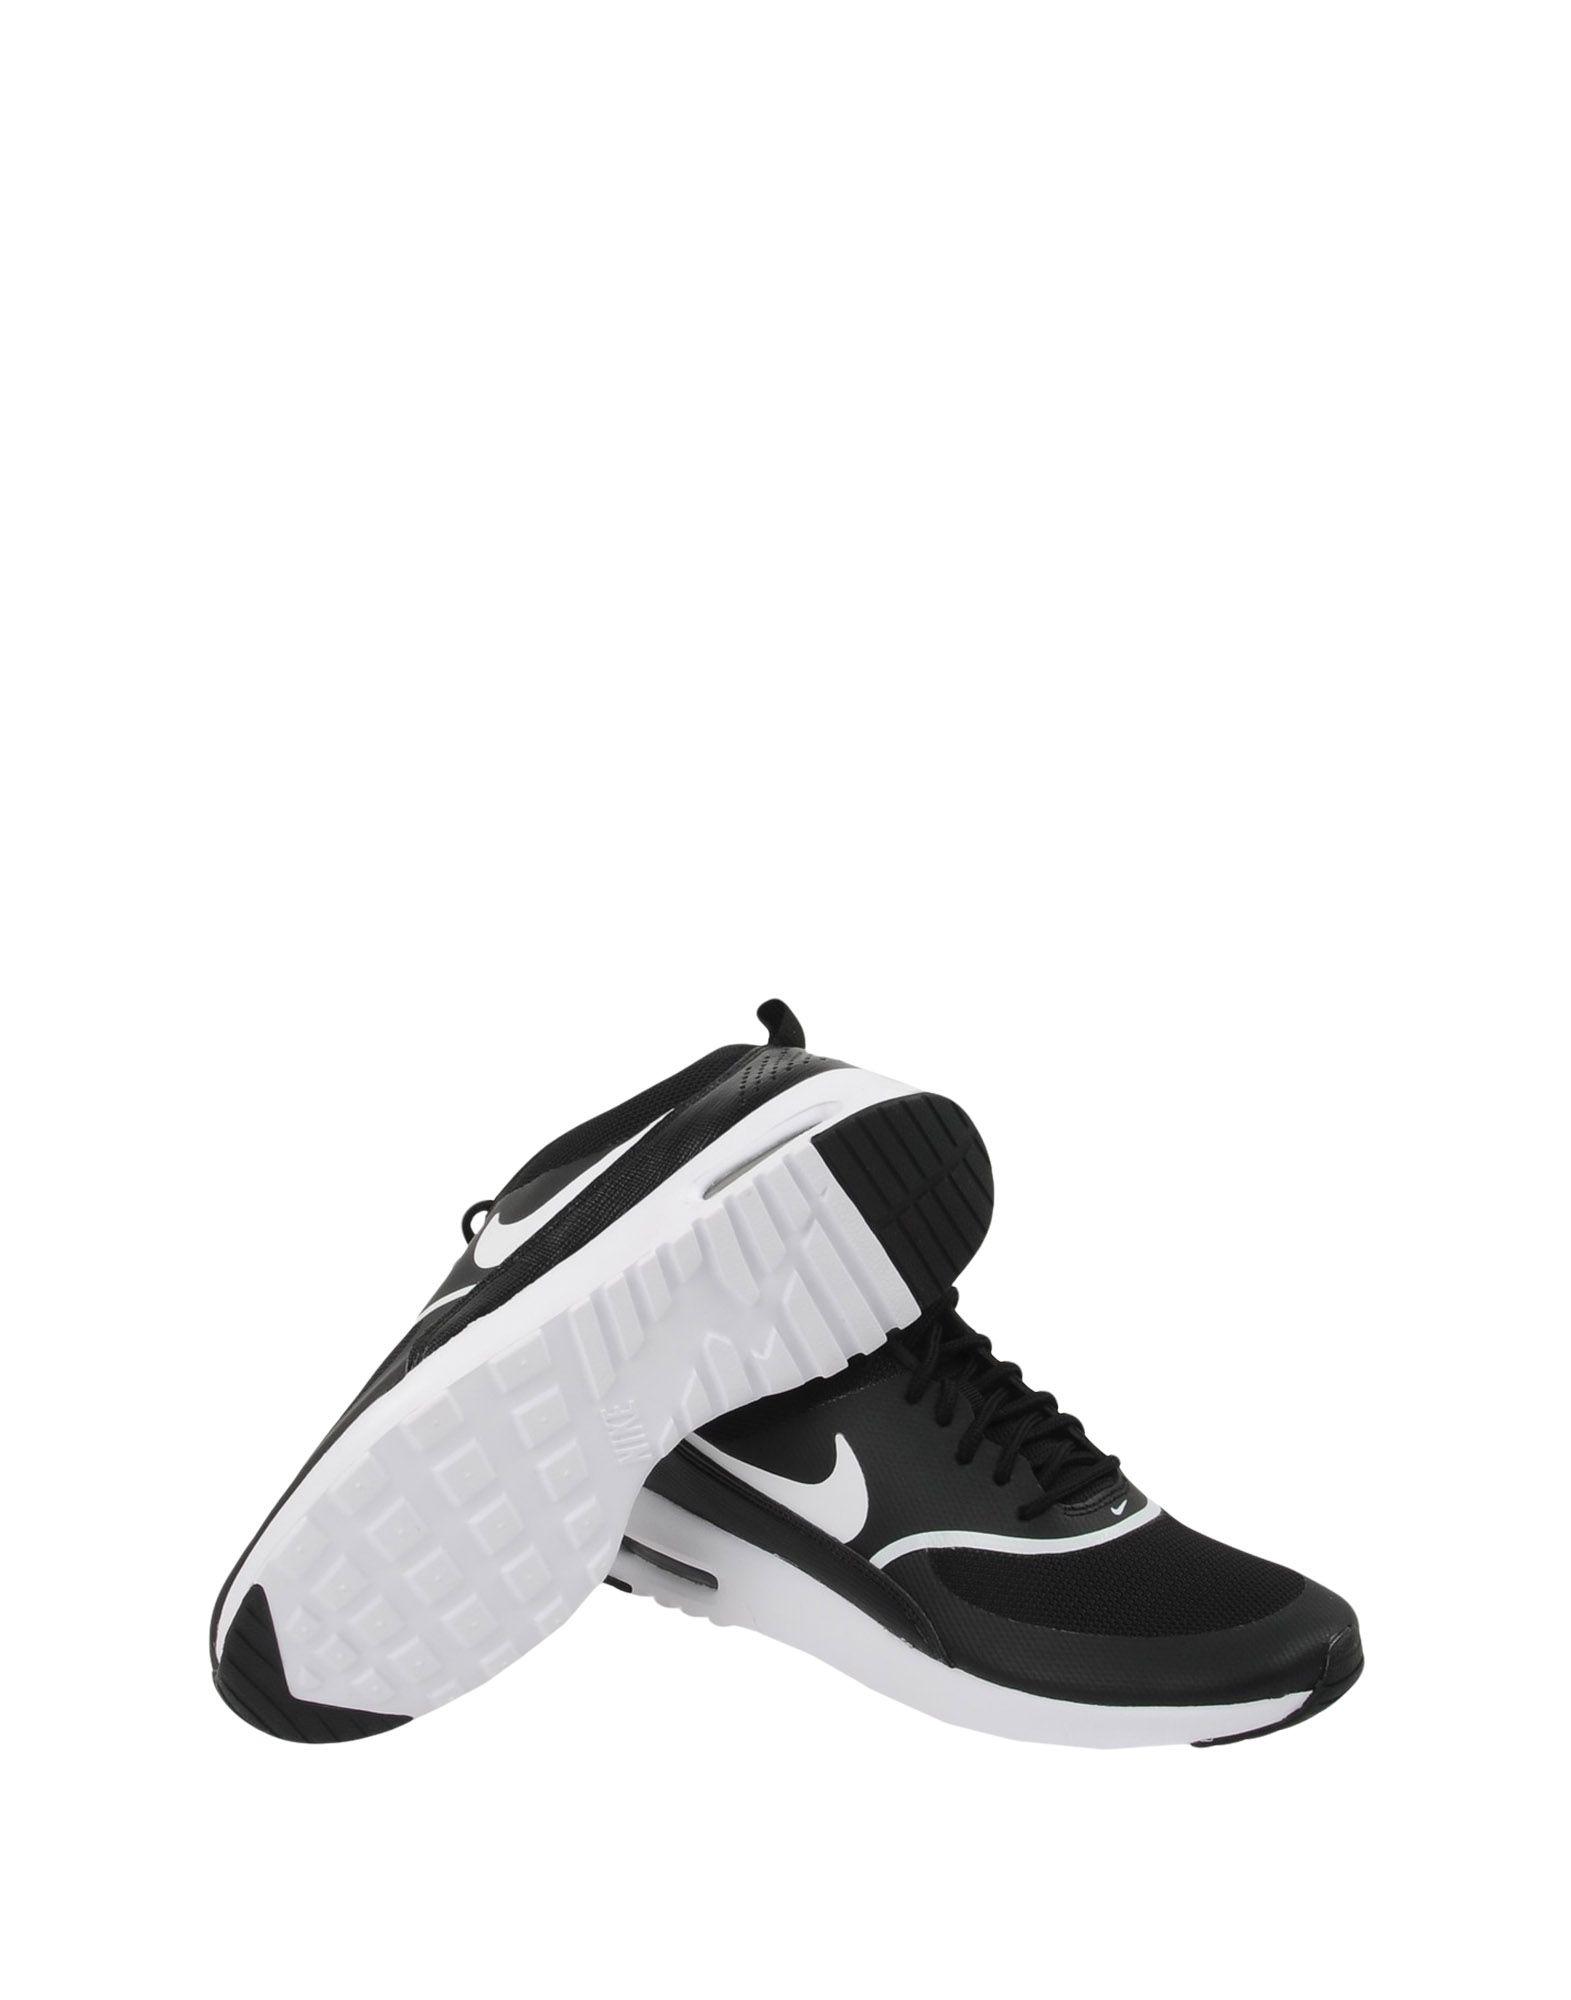 Nike   Air Max Thea - Donna - 11438326DO 13337a